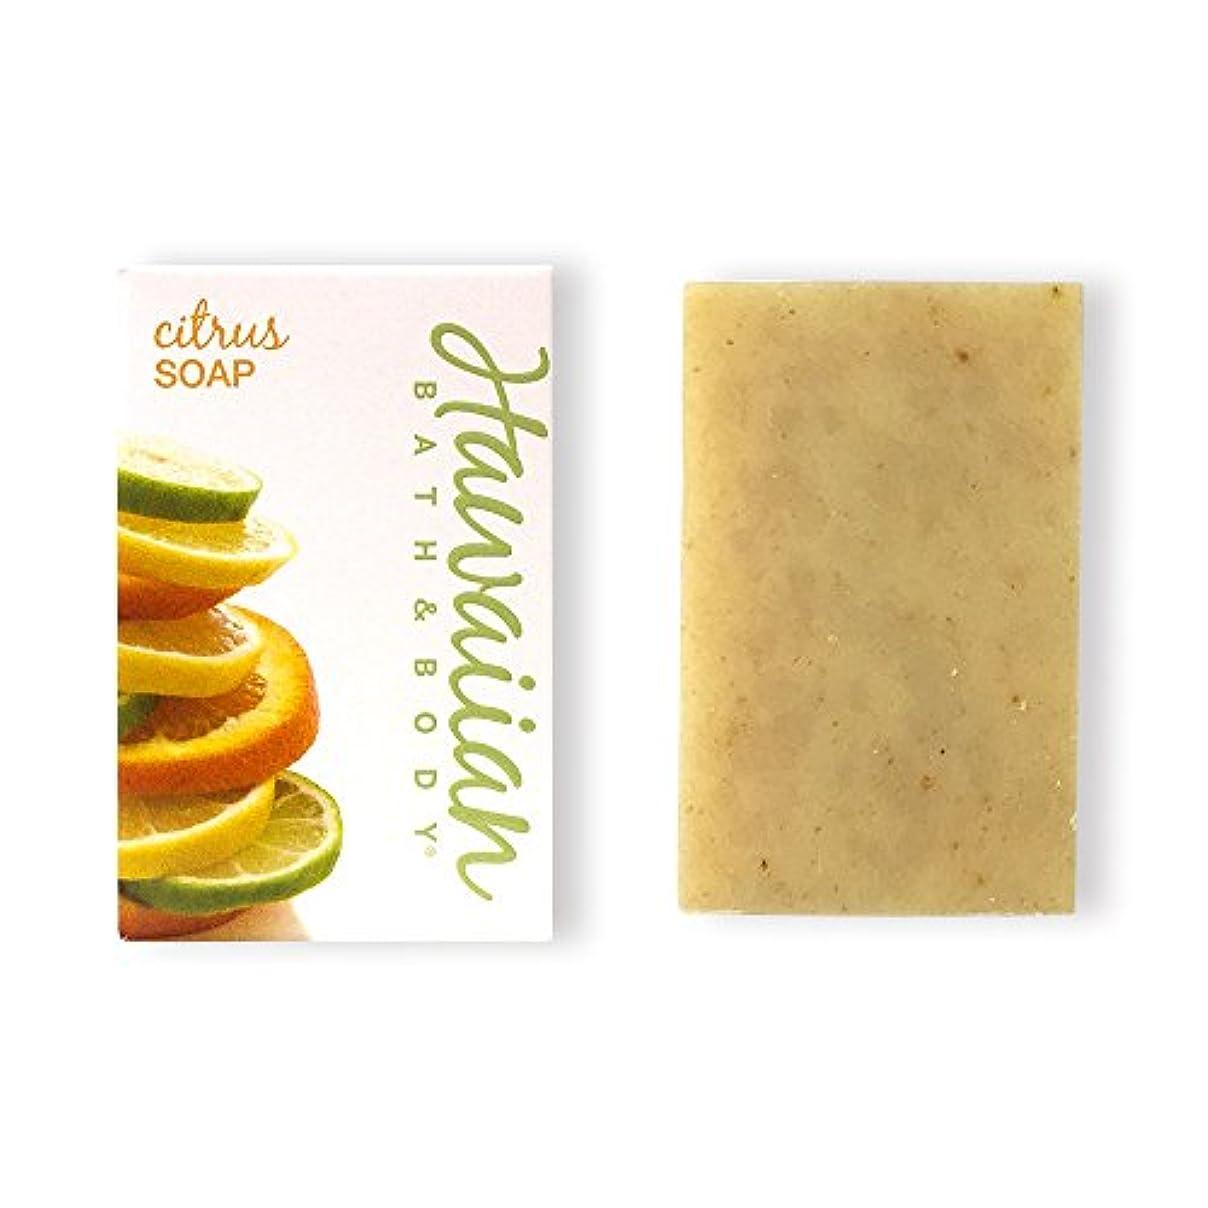 作るパパ光ハワイアンバス&ボディ ハワイアン?シトラスソープ( Citrus Soap )